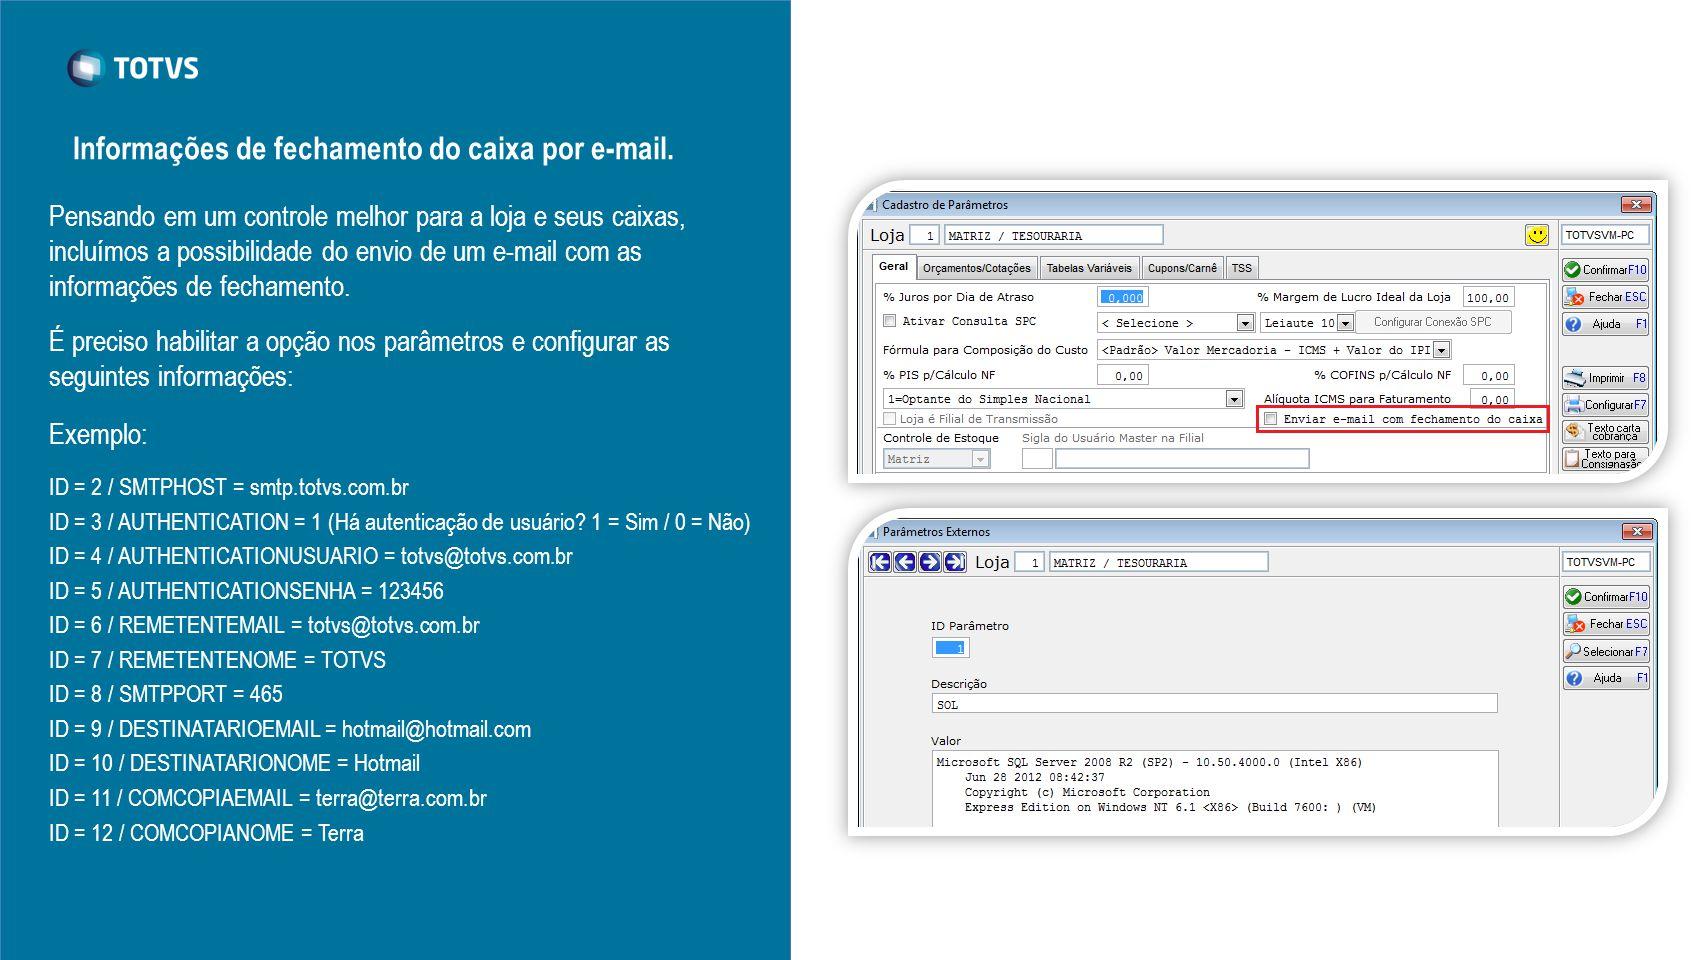 Informações de fechamento do caixa por e-mail.